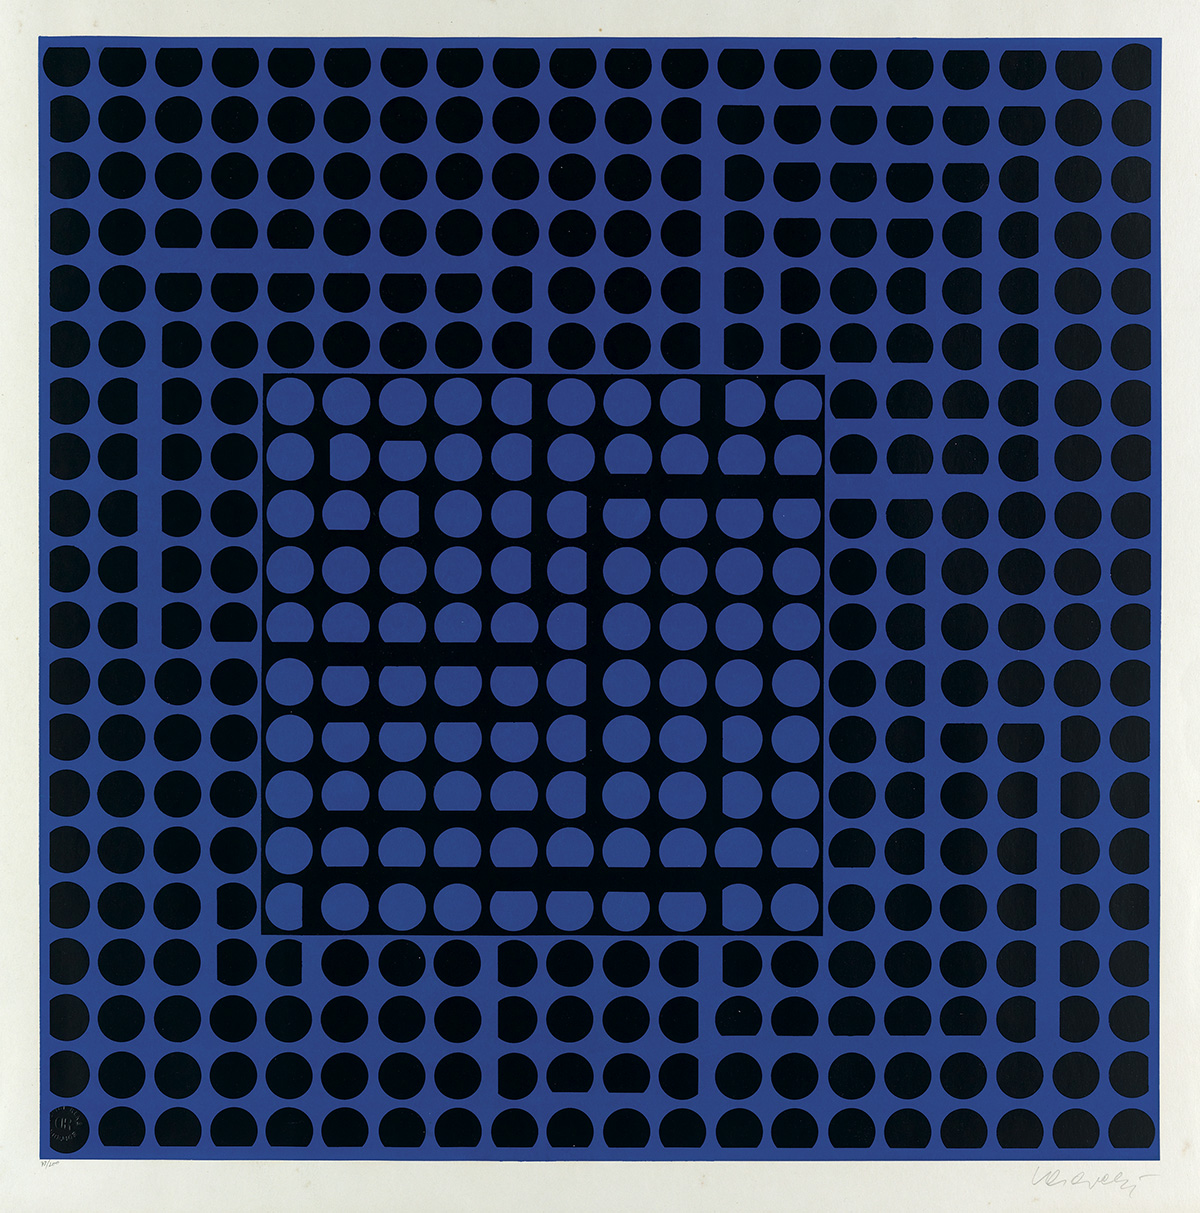 VICTOR-VASARELY-Composition-(Noir-et-Bleu)